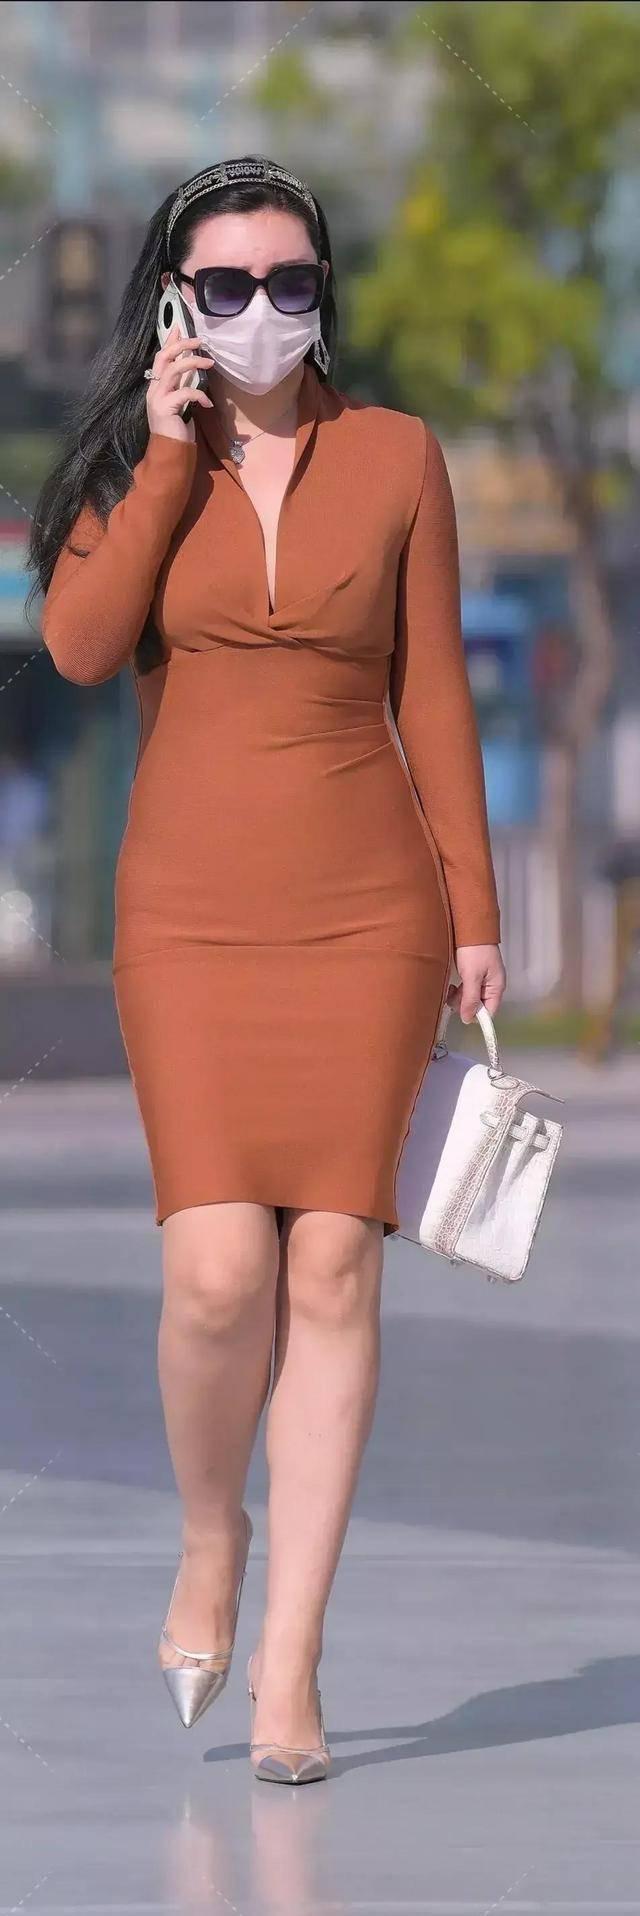 柳腰细腿的连衣裙美女,轻松展现姣好身形,优雅浪漫